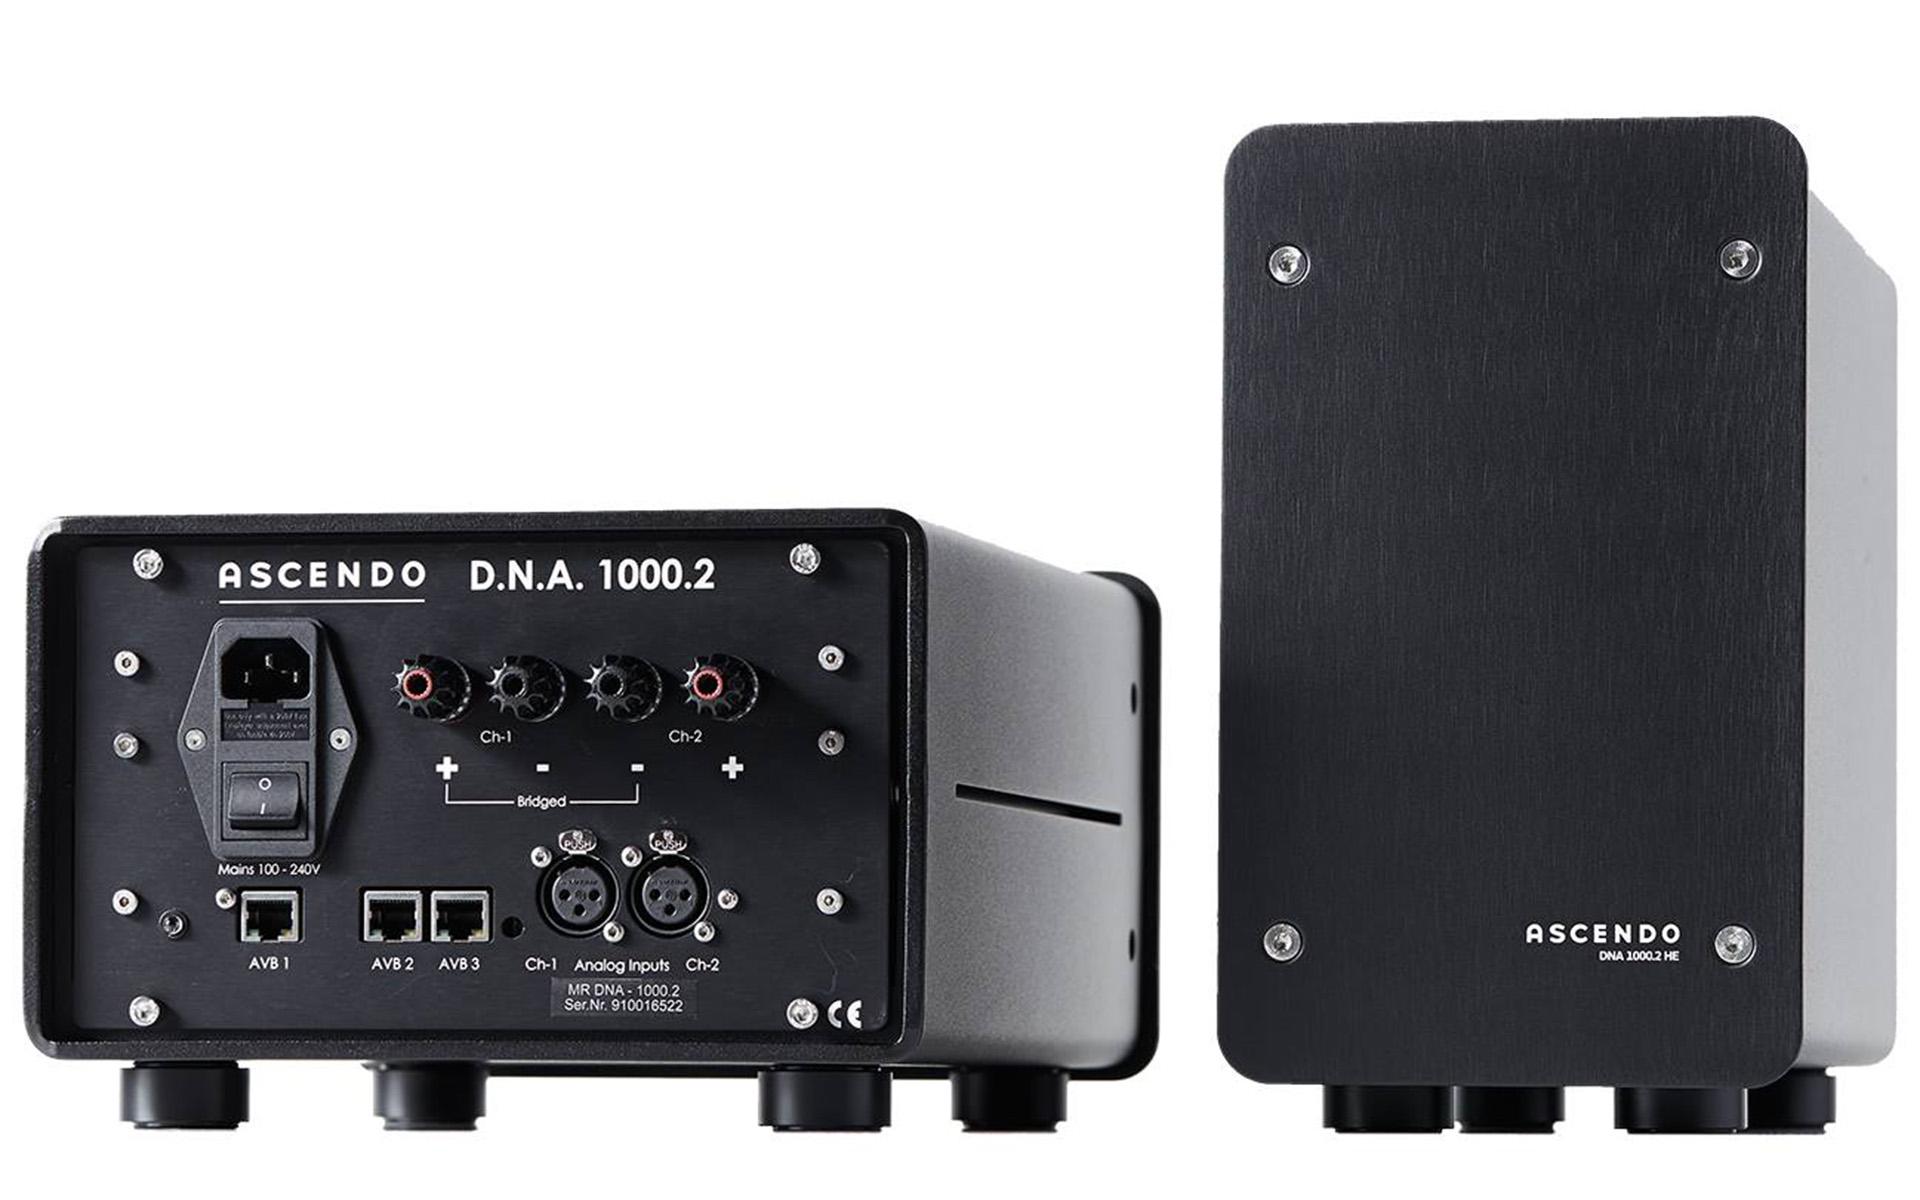 Ascendo 1000.2 HD легко меняет положение с горизонтального на вертикальное